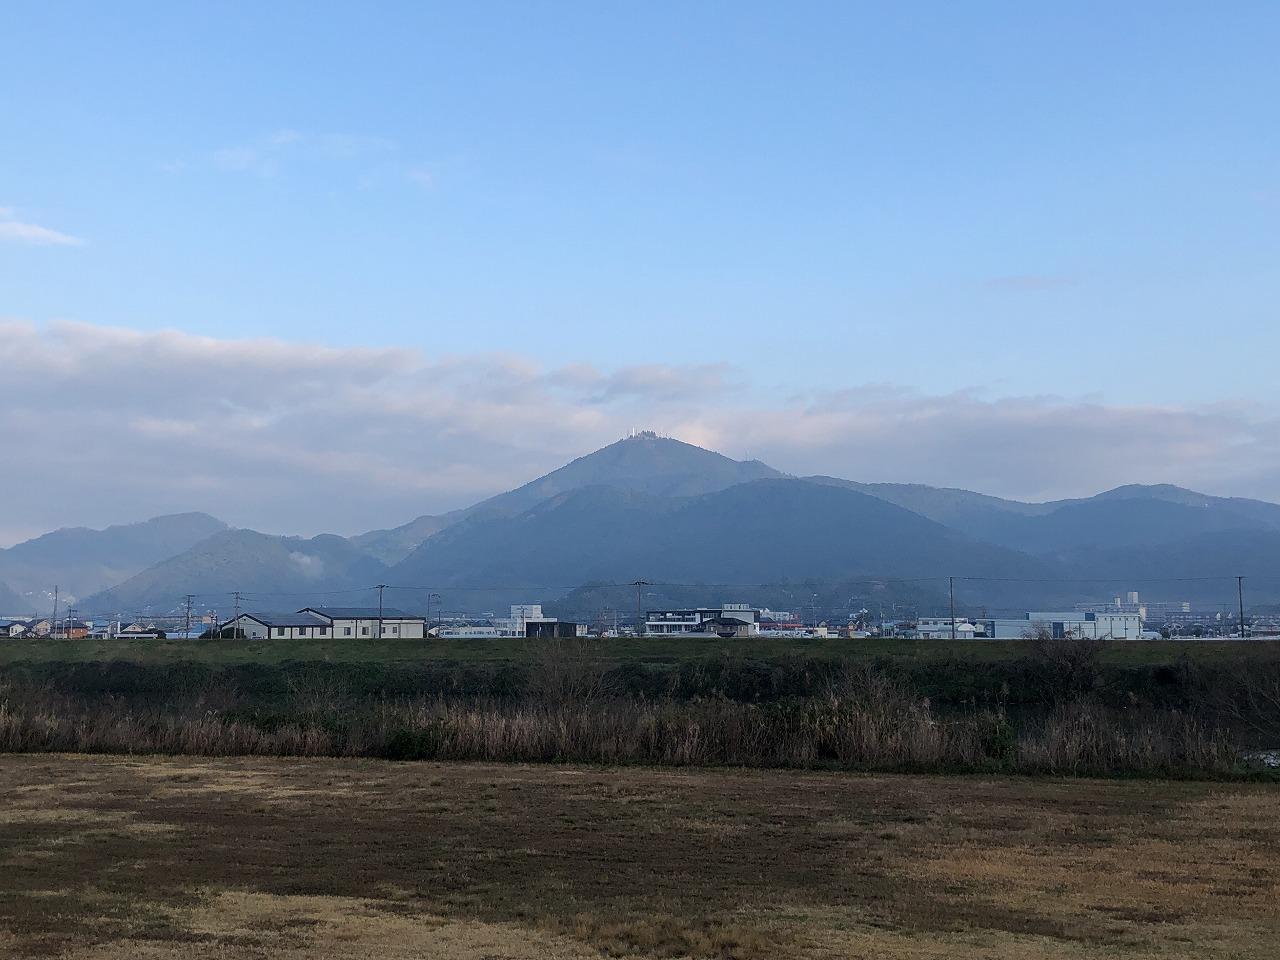 2020.0302今朝の金峰山です。